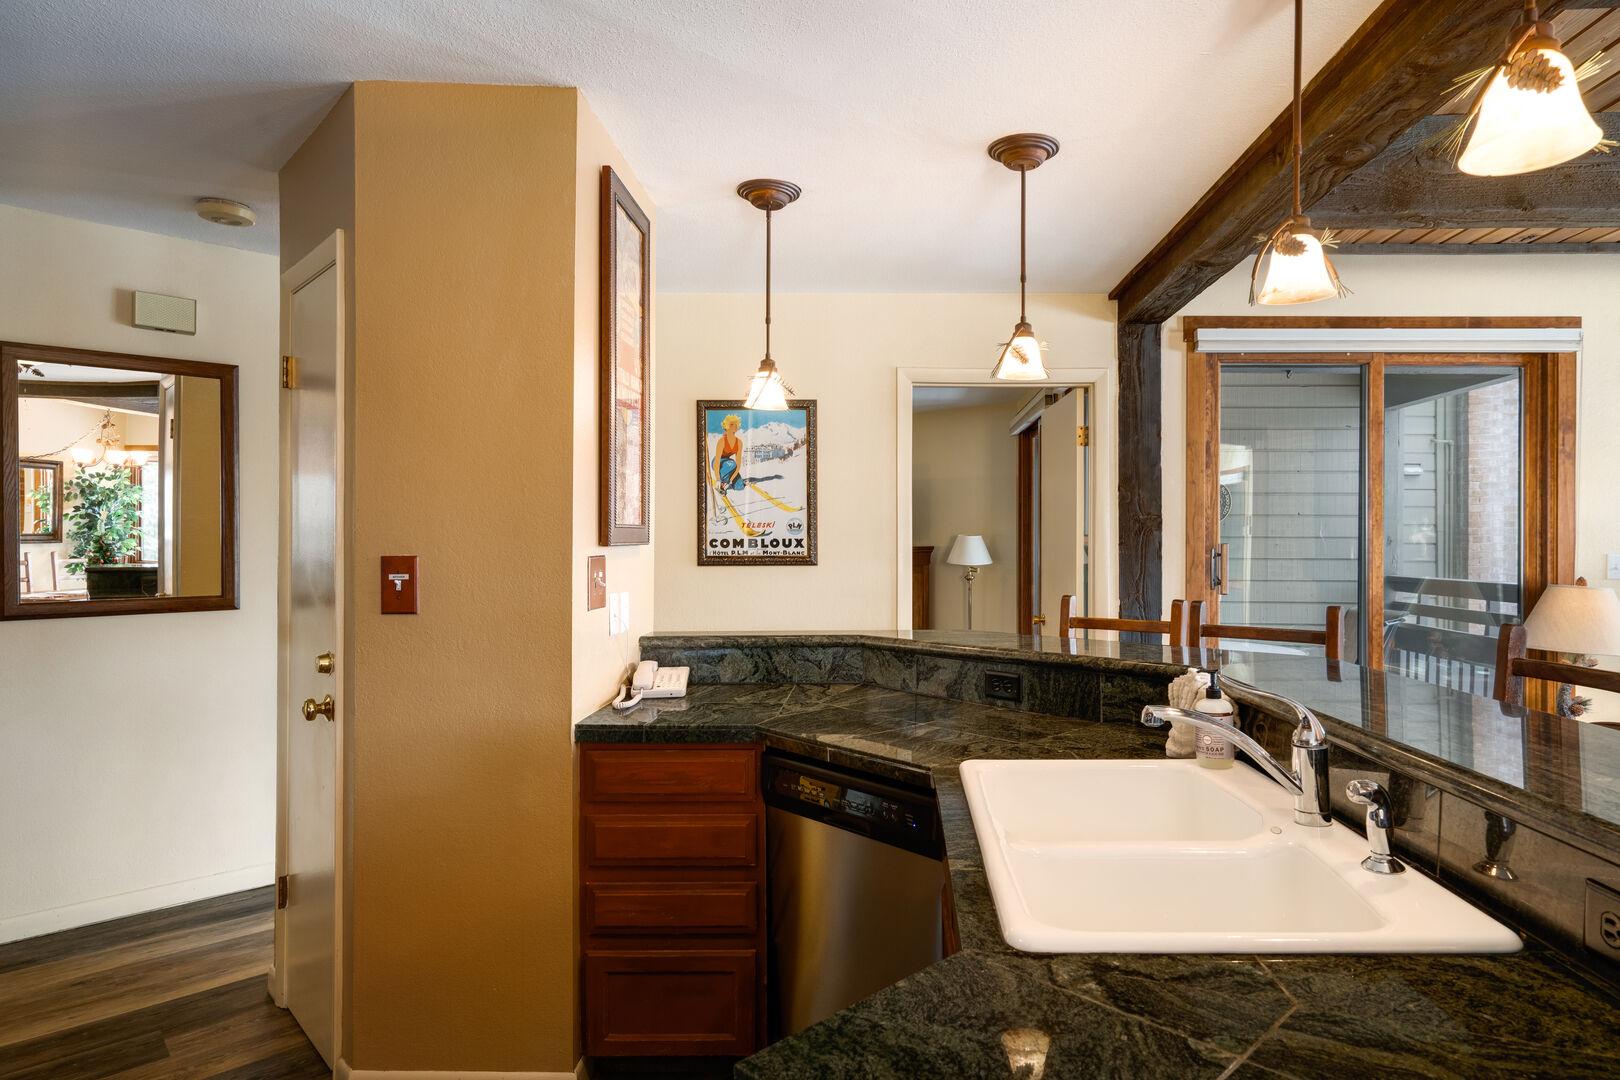 Open Kitchen, granite countertops, bright, spacious Lodge unit!!